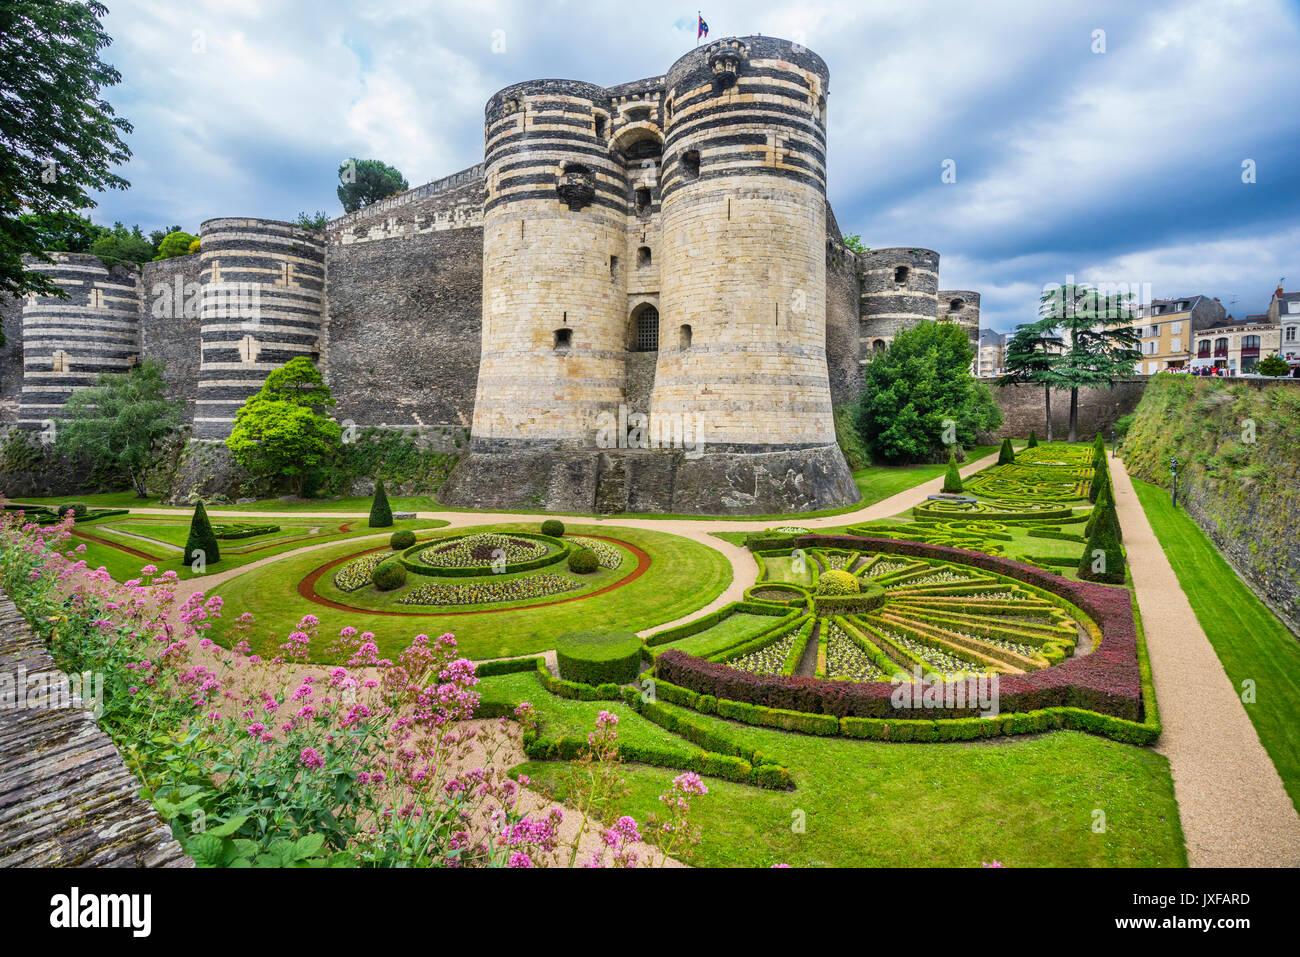 Francia Pays de la Loire, Angers, Château d'Angers, ornata giardini sotto la porta del sud i merli del castello medievale Immagini Stock